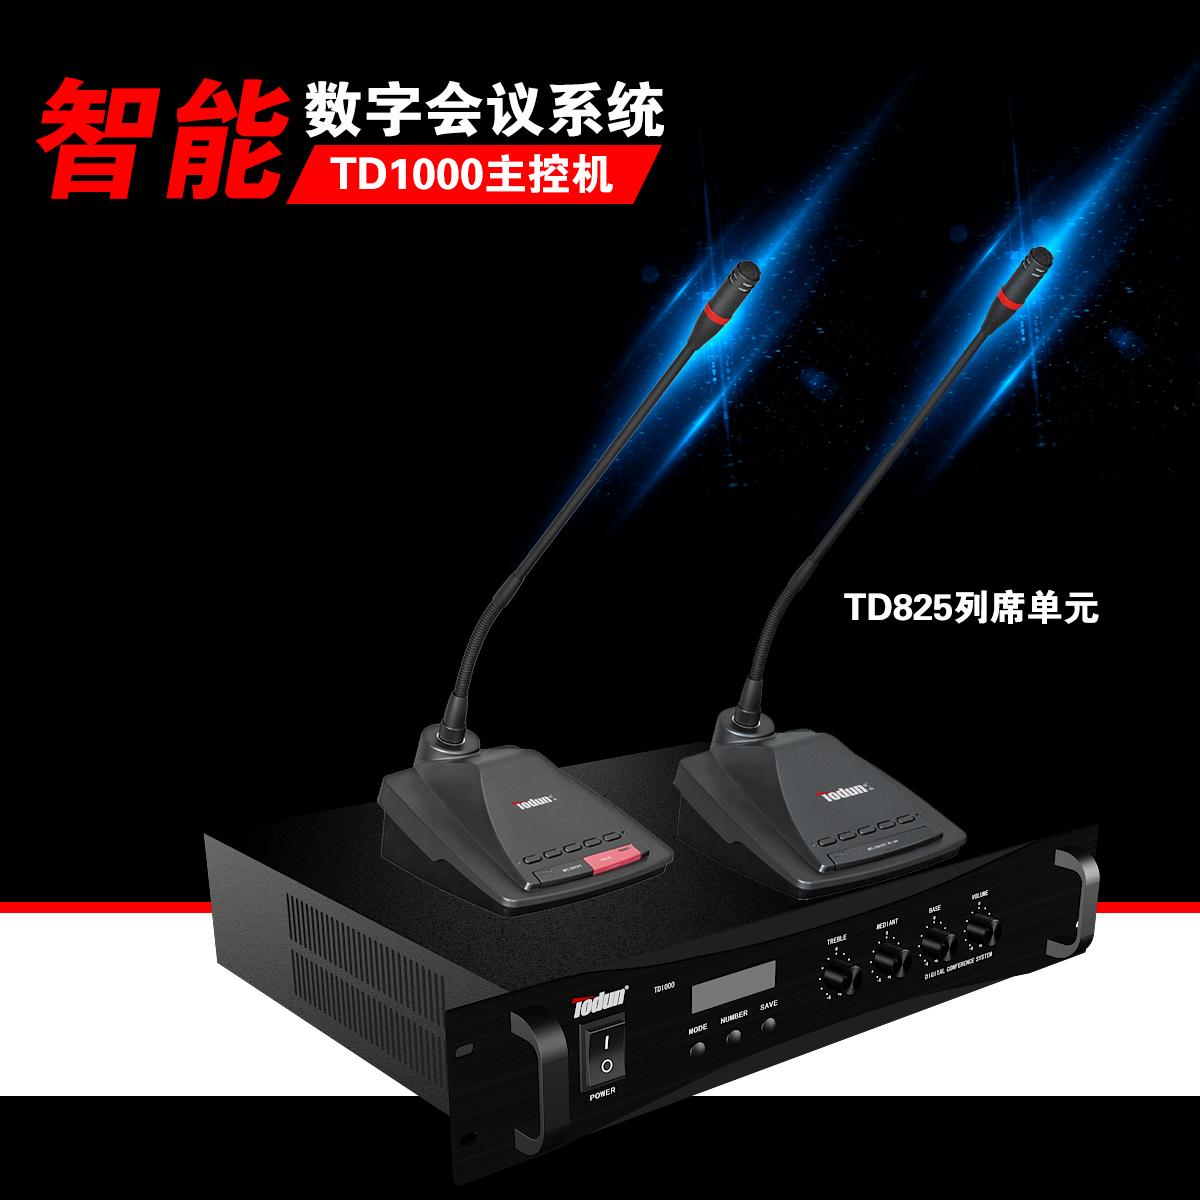 带表决功能 视频会议系统-TD1000 会议麦克风列席单元TD825